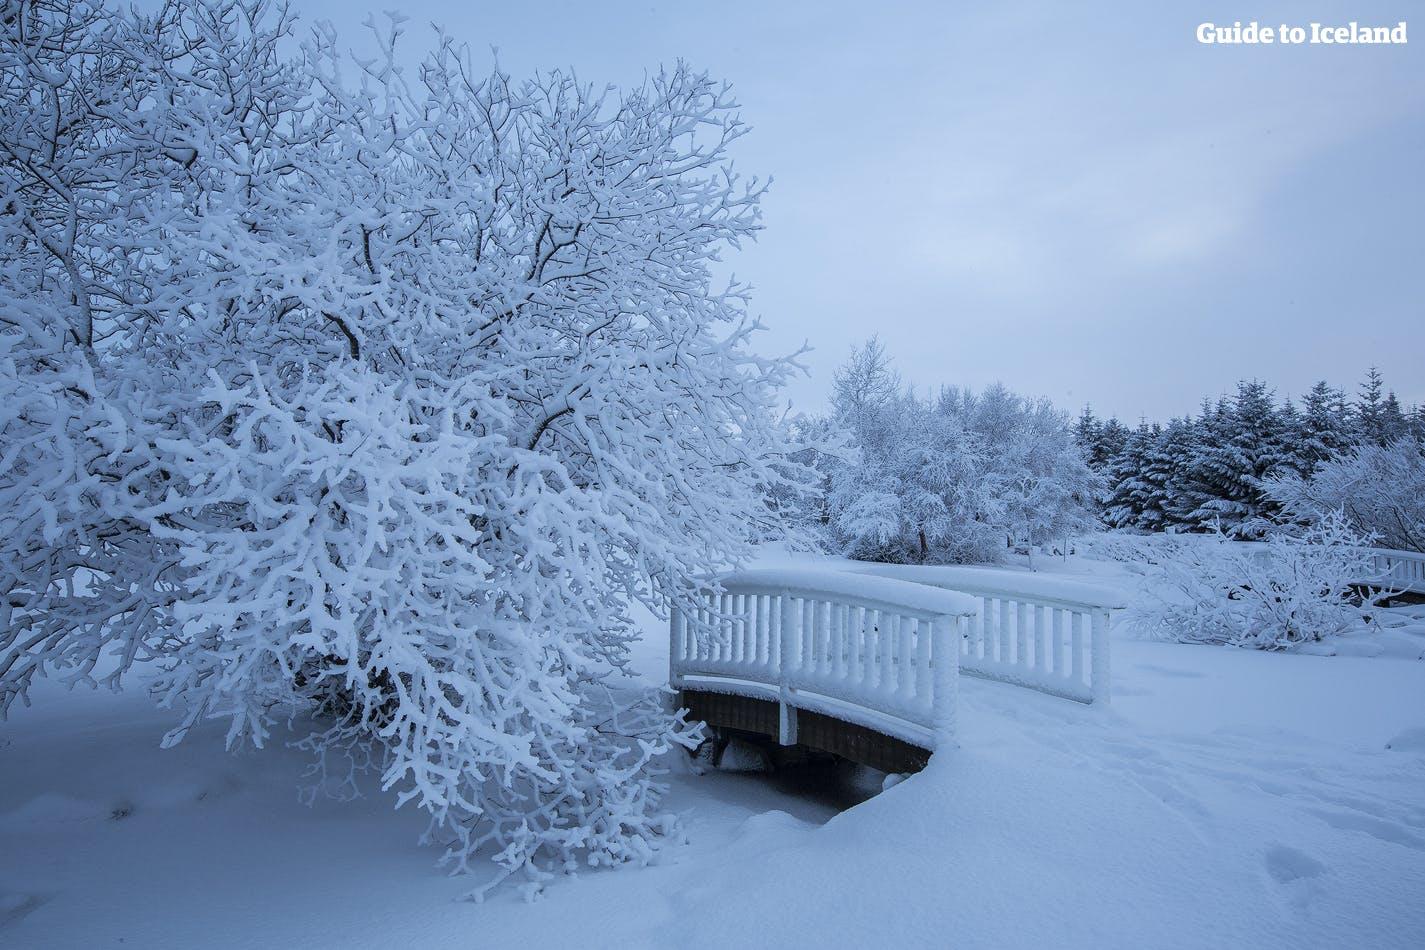 Når snøen faller i Reykjavík, blir byen forvandlet til et vintereventyrland